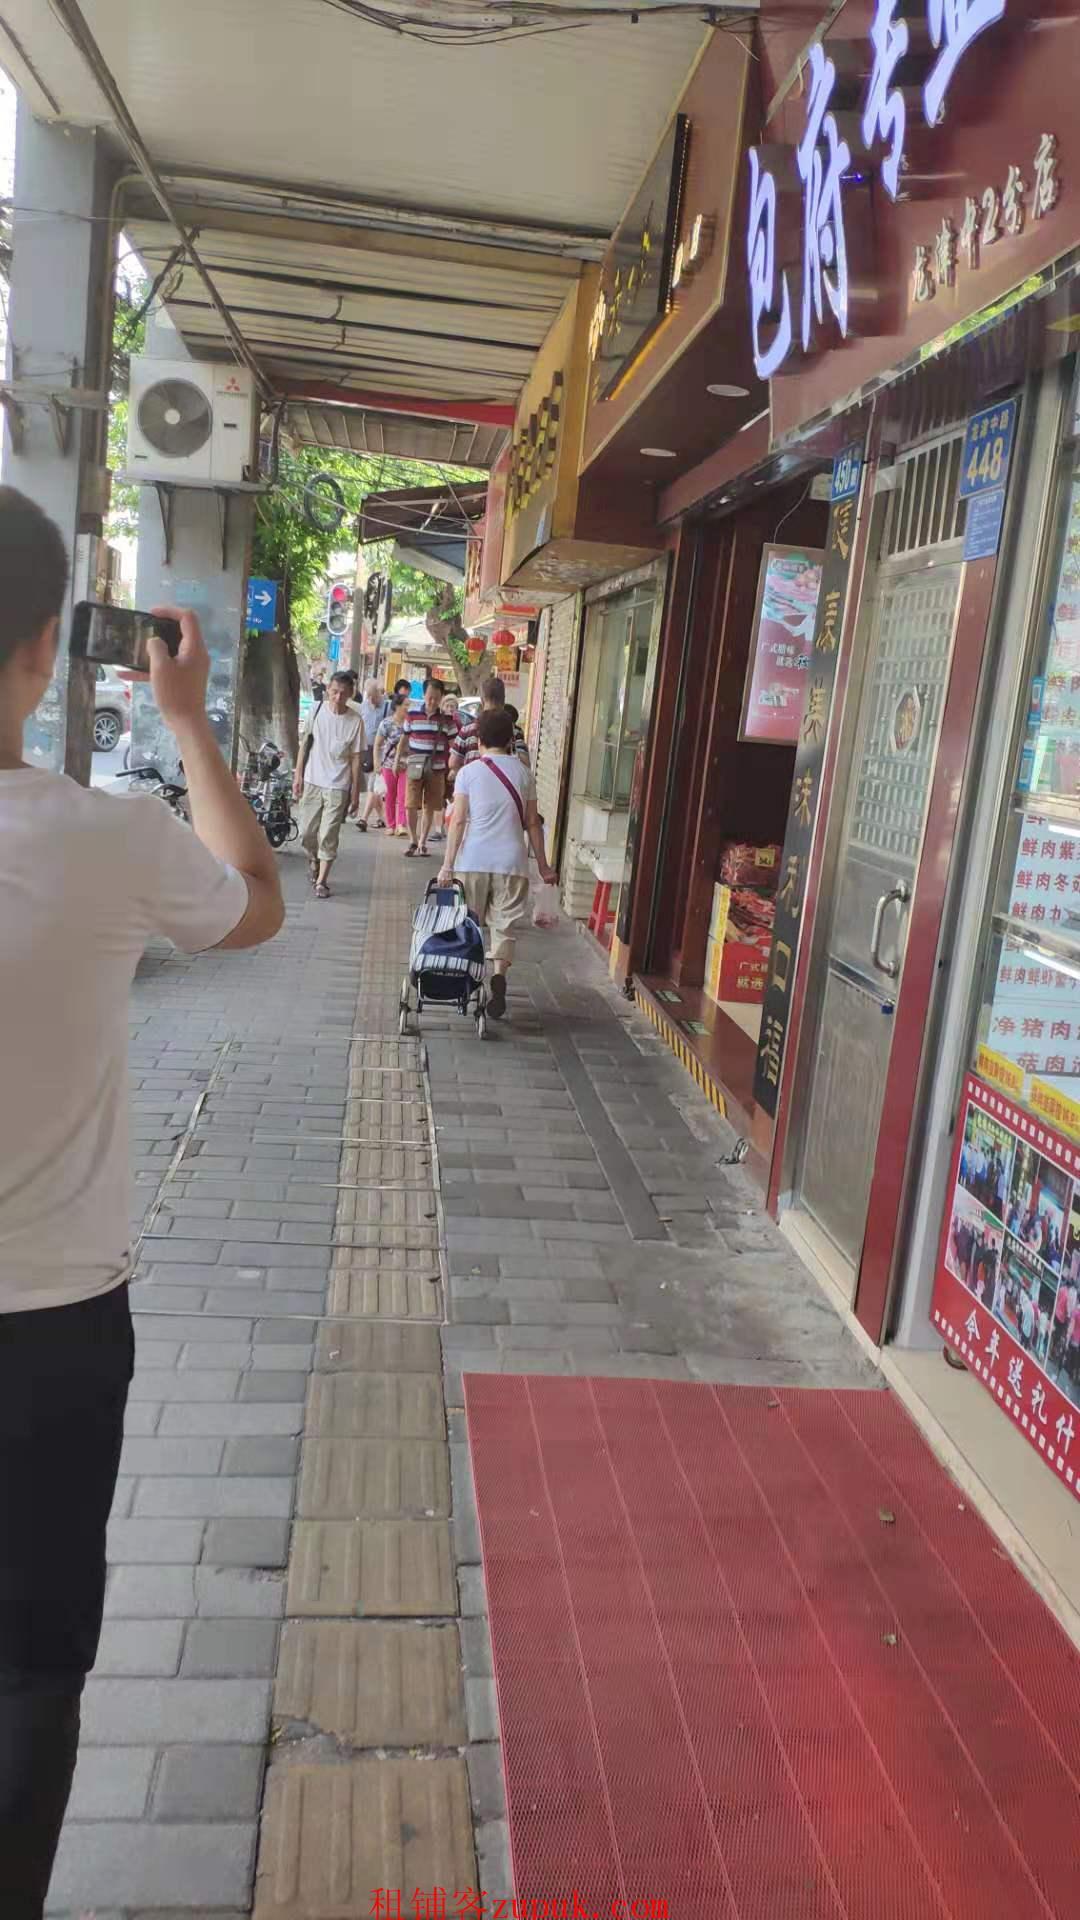 陈家祠龙津肉菜市场旁,沿街可百货澪售轻油烟小吃等